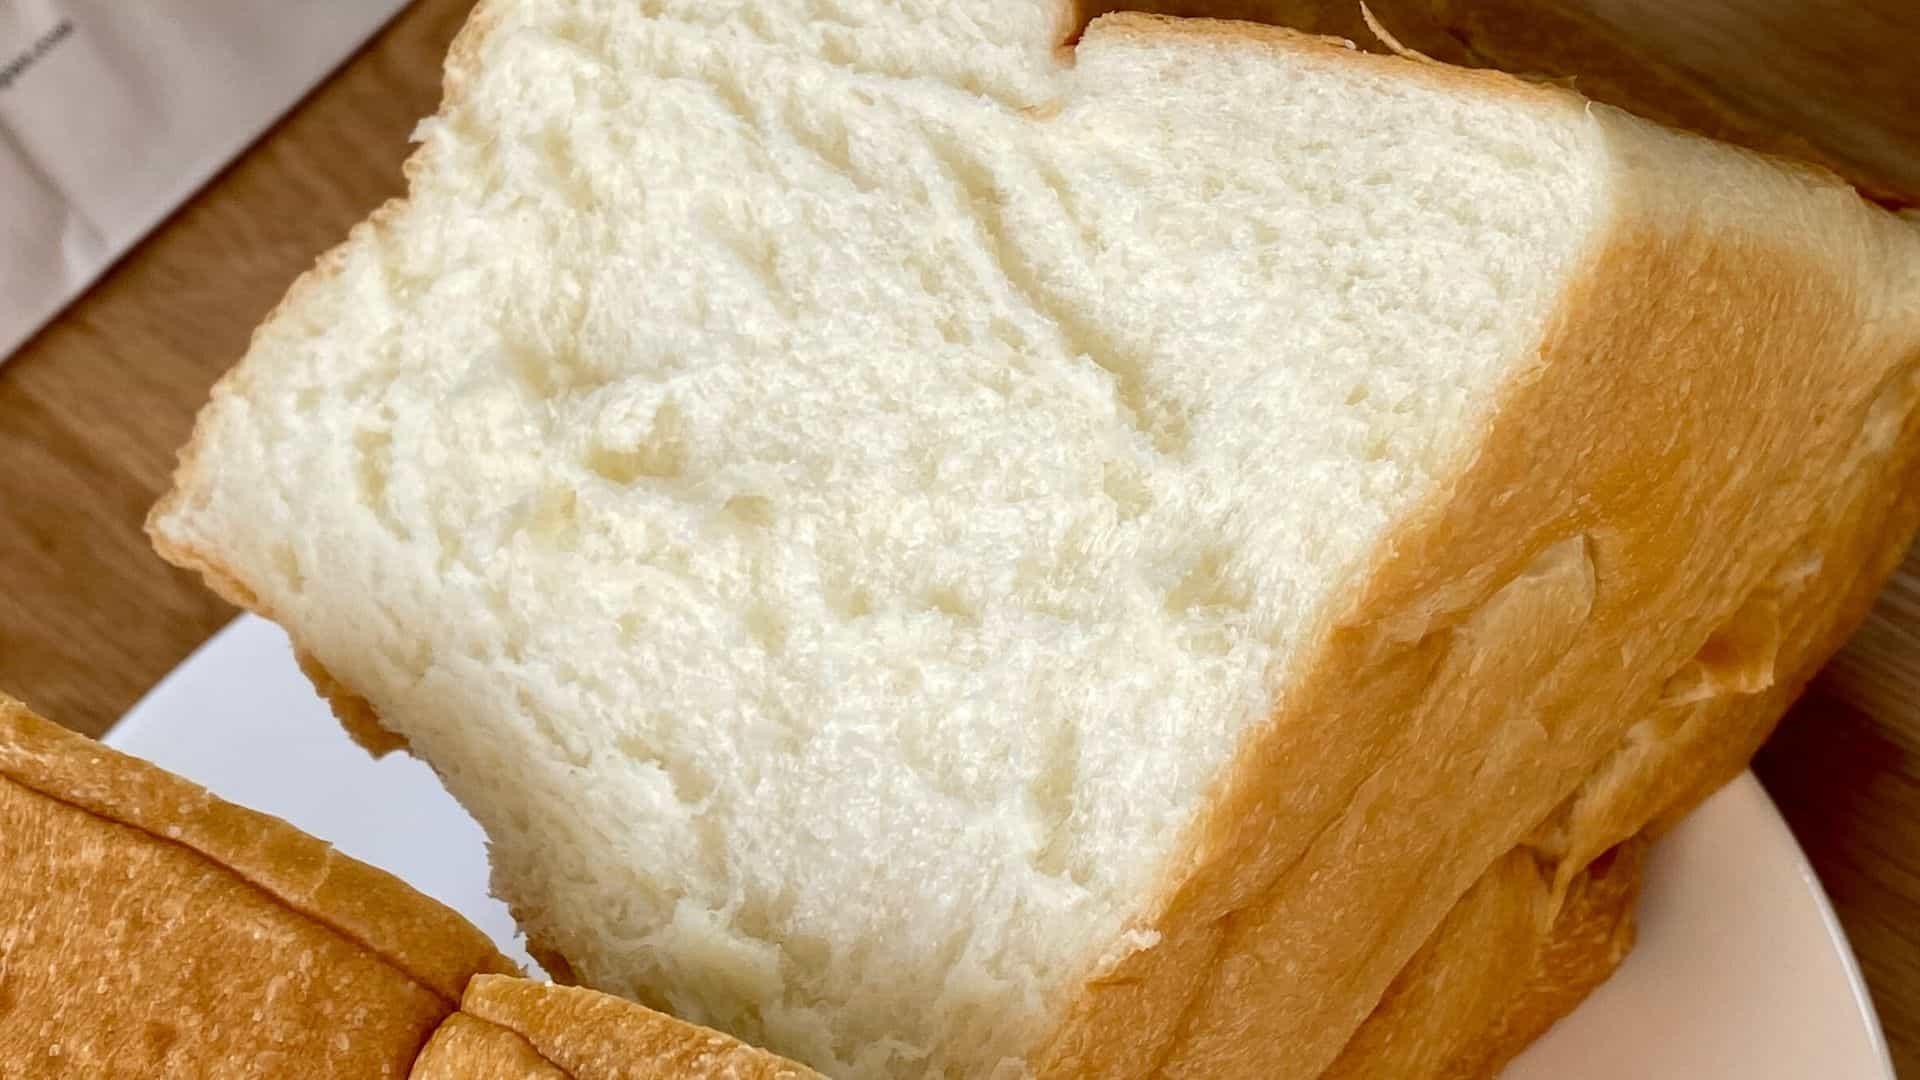 乃が美の高級生食パンの断面